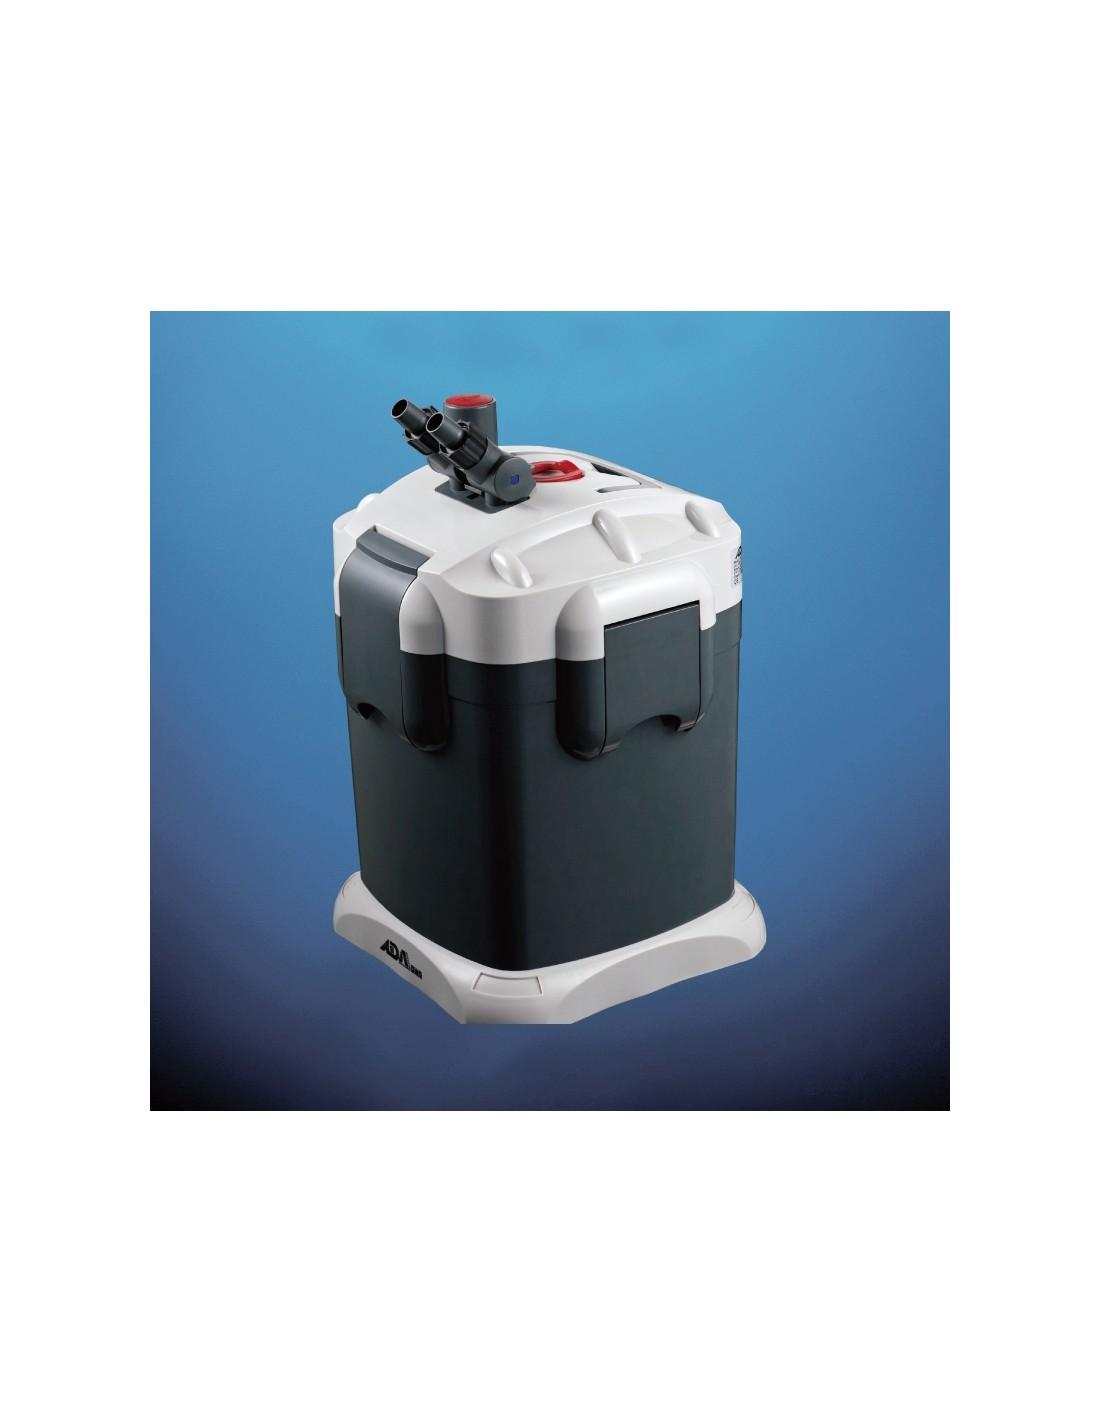 Pompa filtro esterno for Lampada tartarughiera